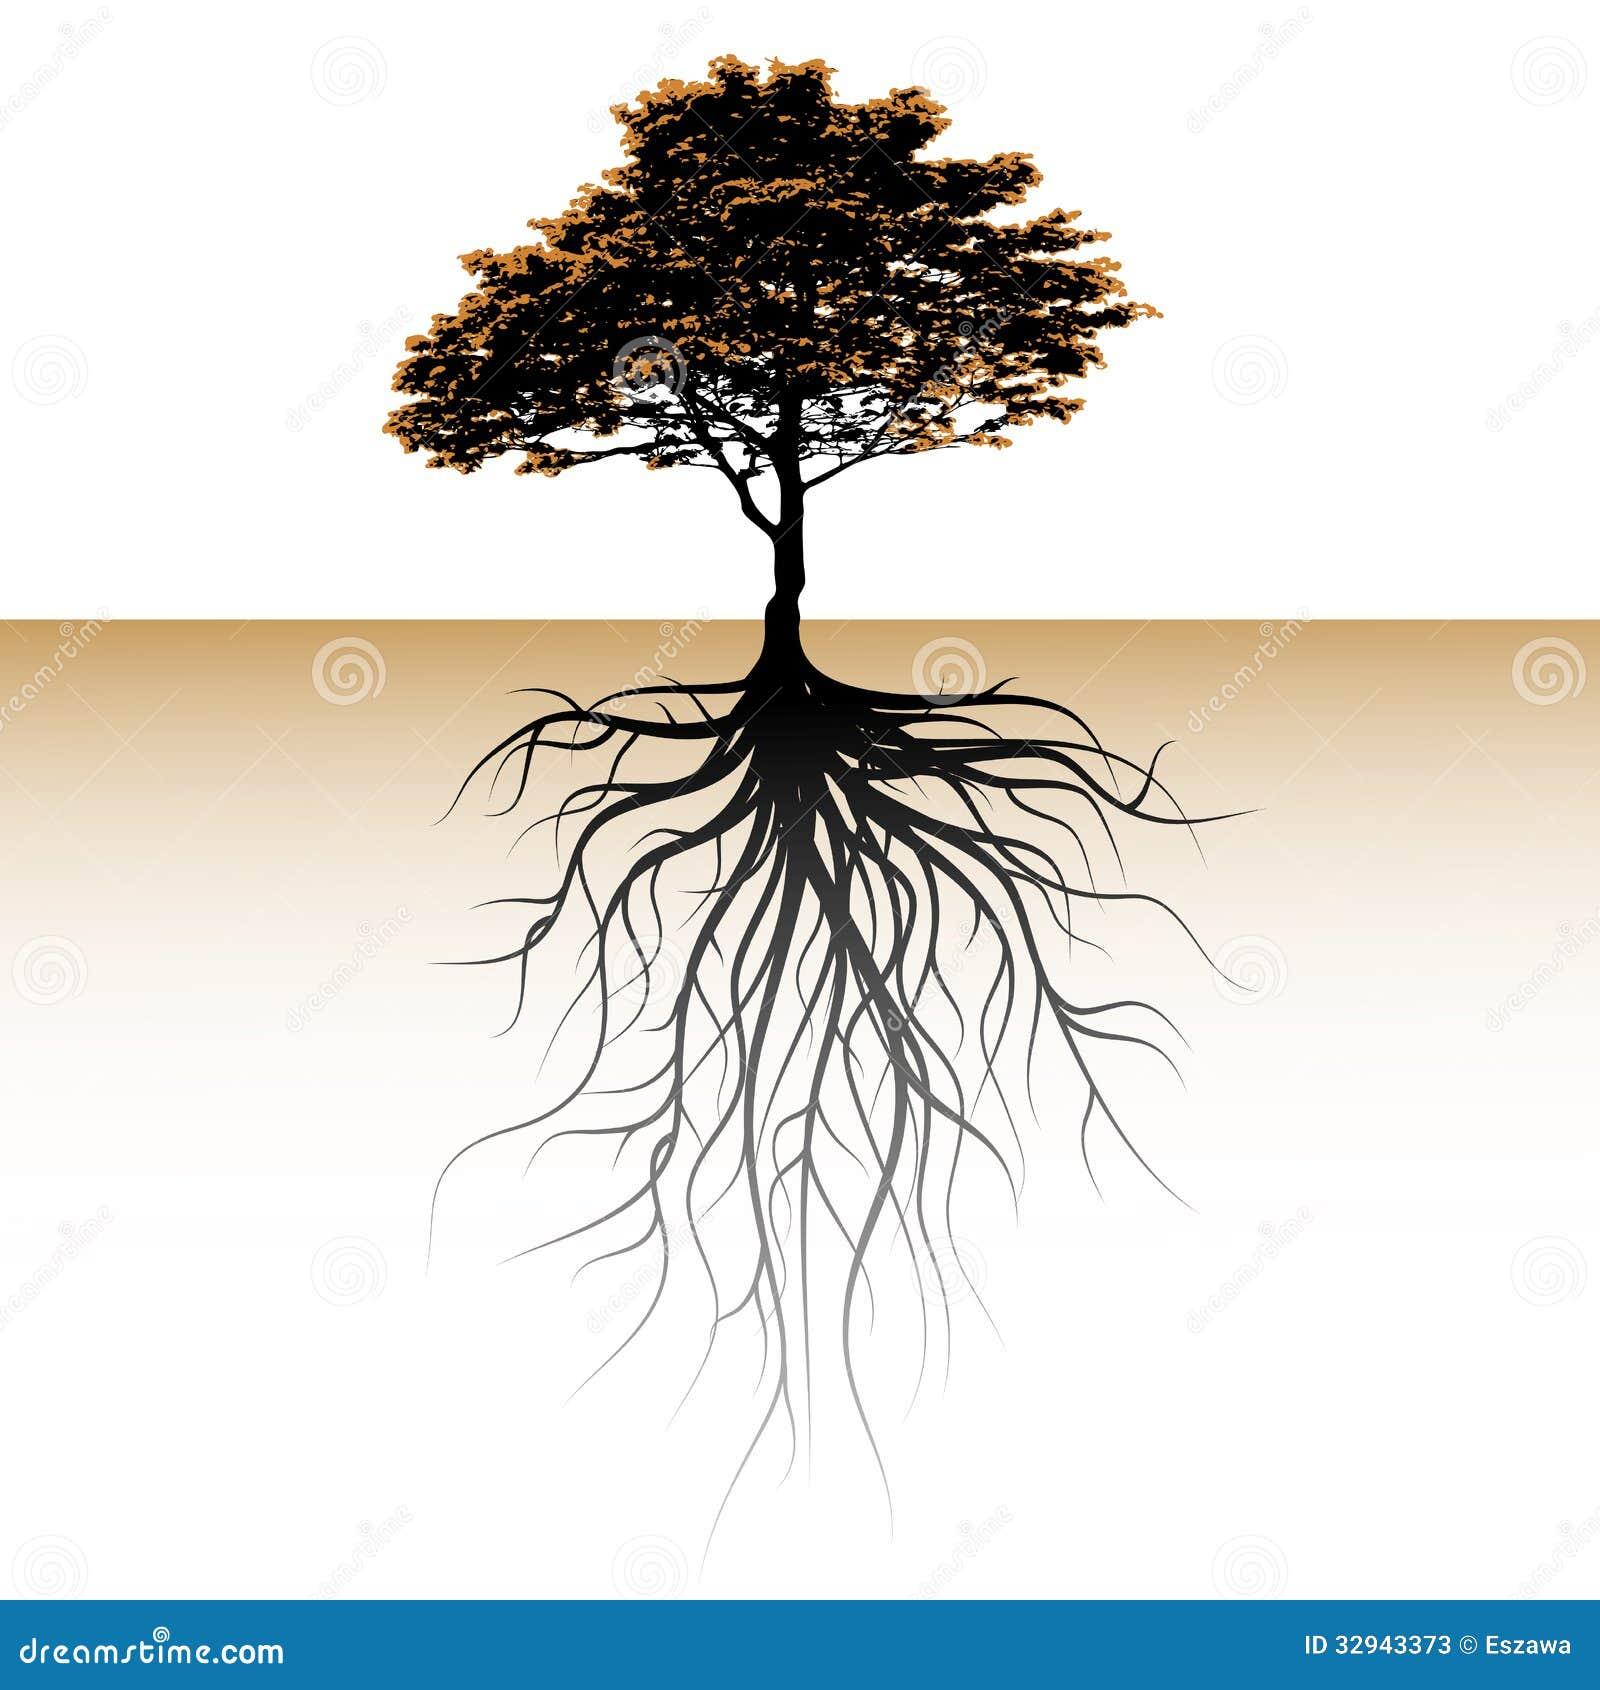 un arbre avec une racine vidente l 39 espace pour un texte photos stock image 32943373. Black Bedroom Furniture Sets. Home Design Ideas